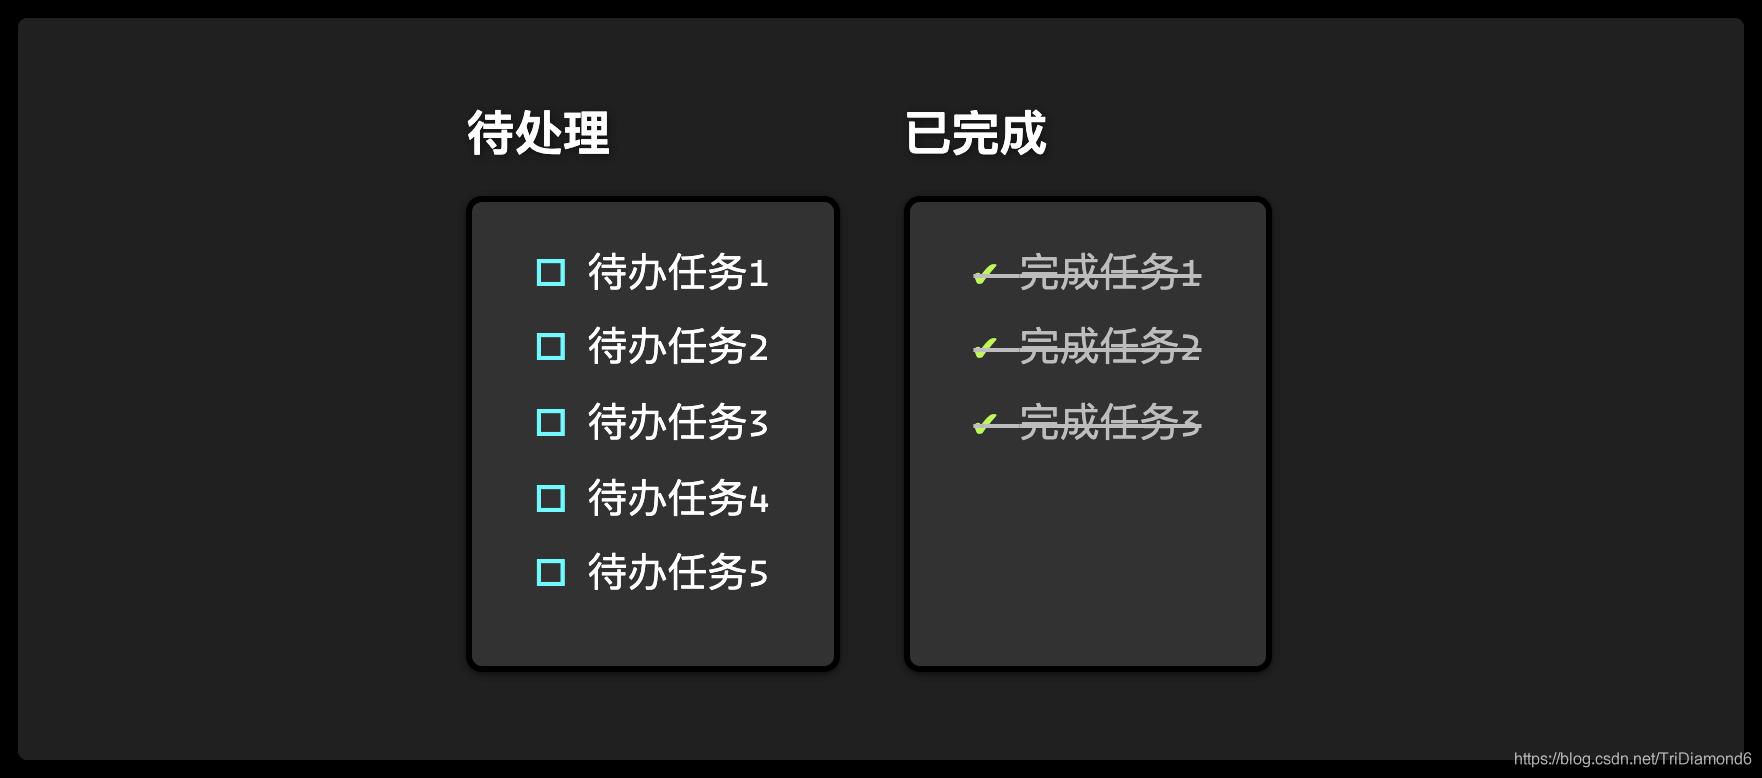 自定义列表符号